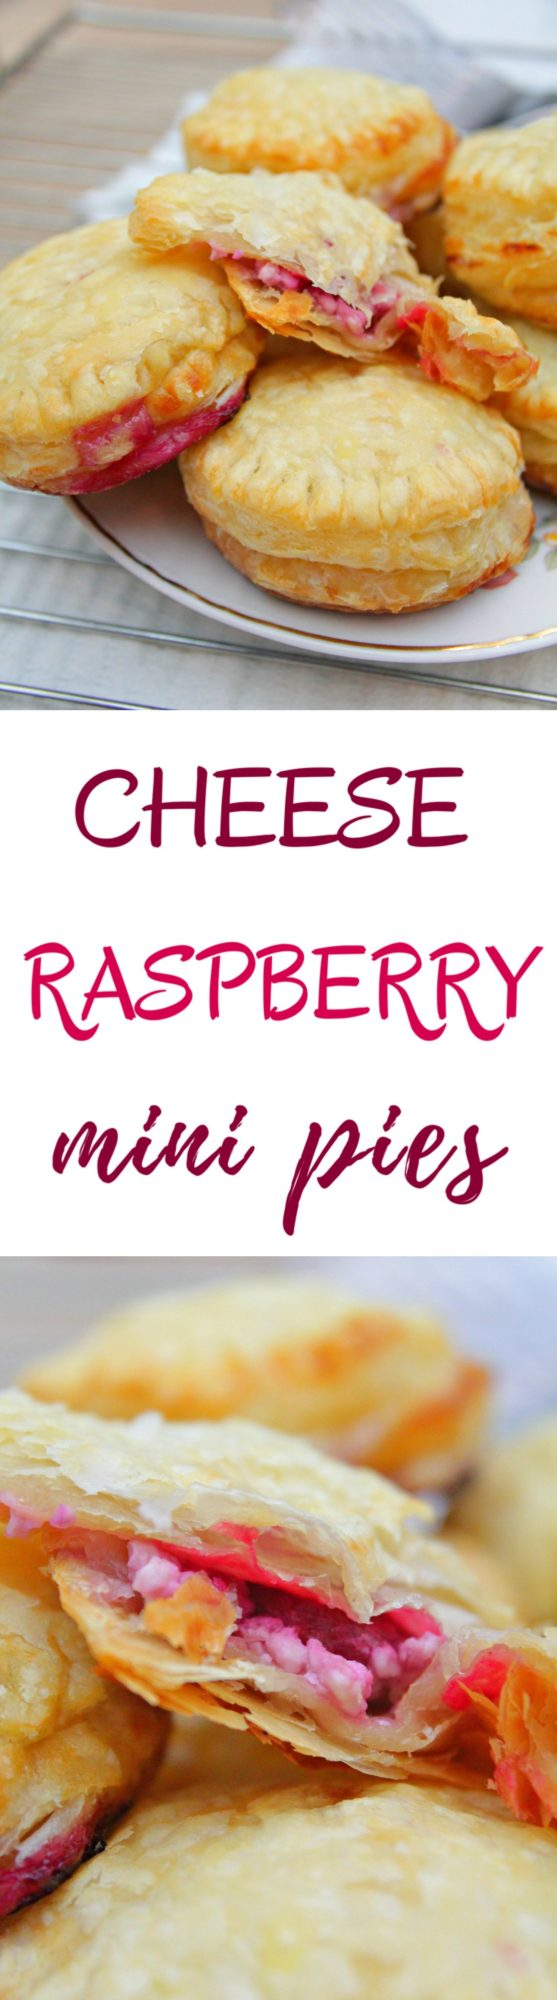 Mini raspberry pies